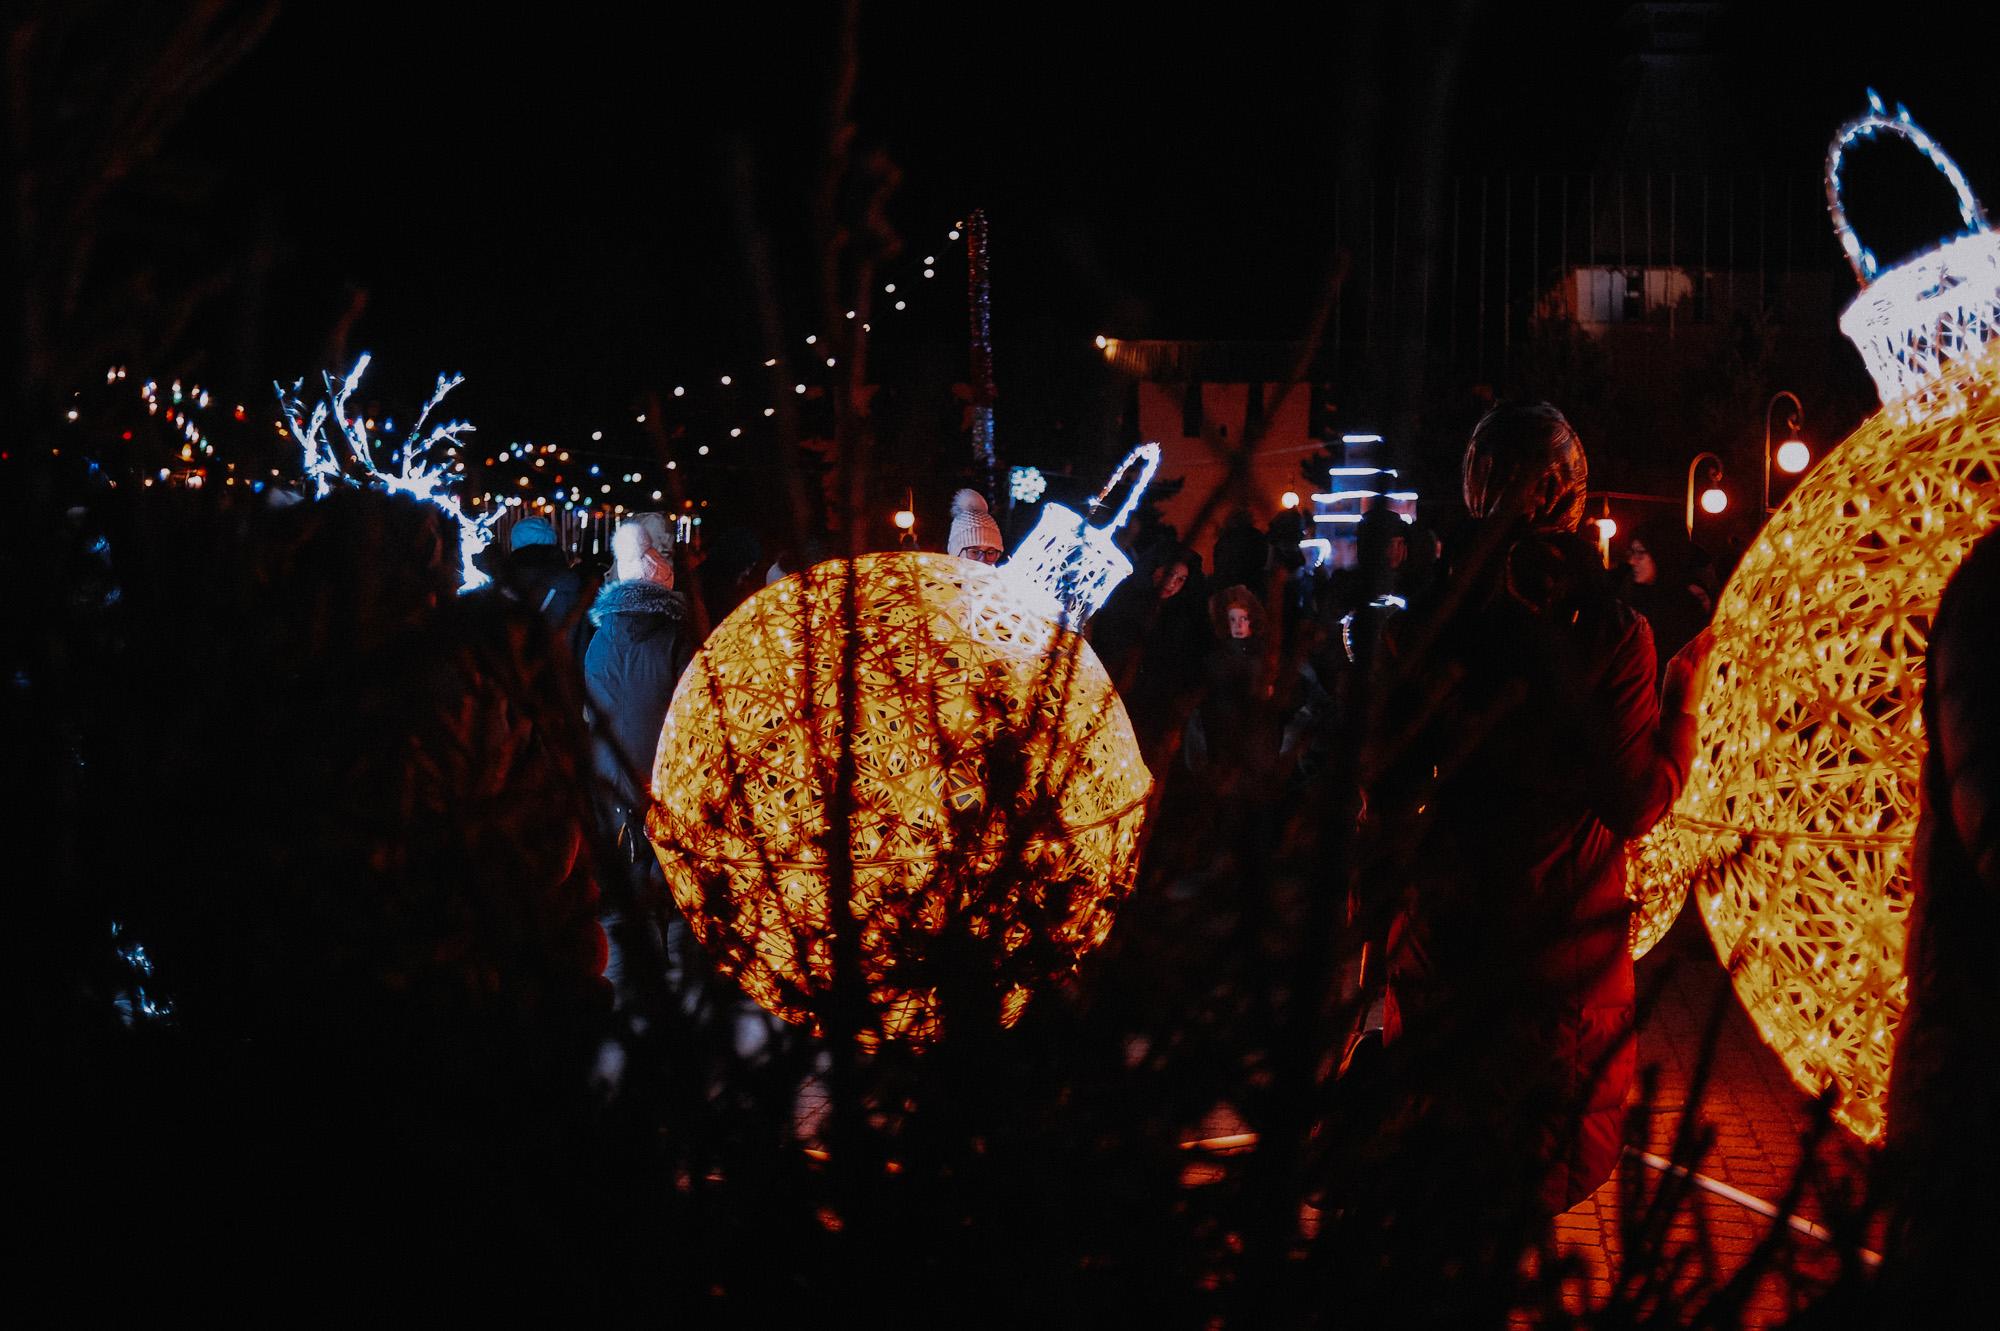 ZZZ 6999 В Астрахани на площади Ленина зажгли новогоднюю елку: кадры торжества